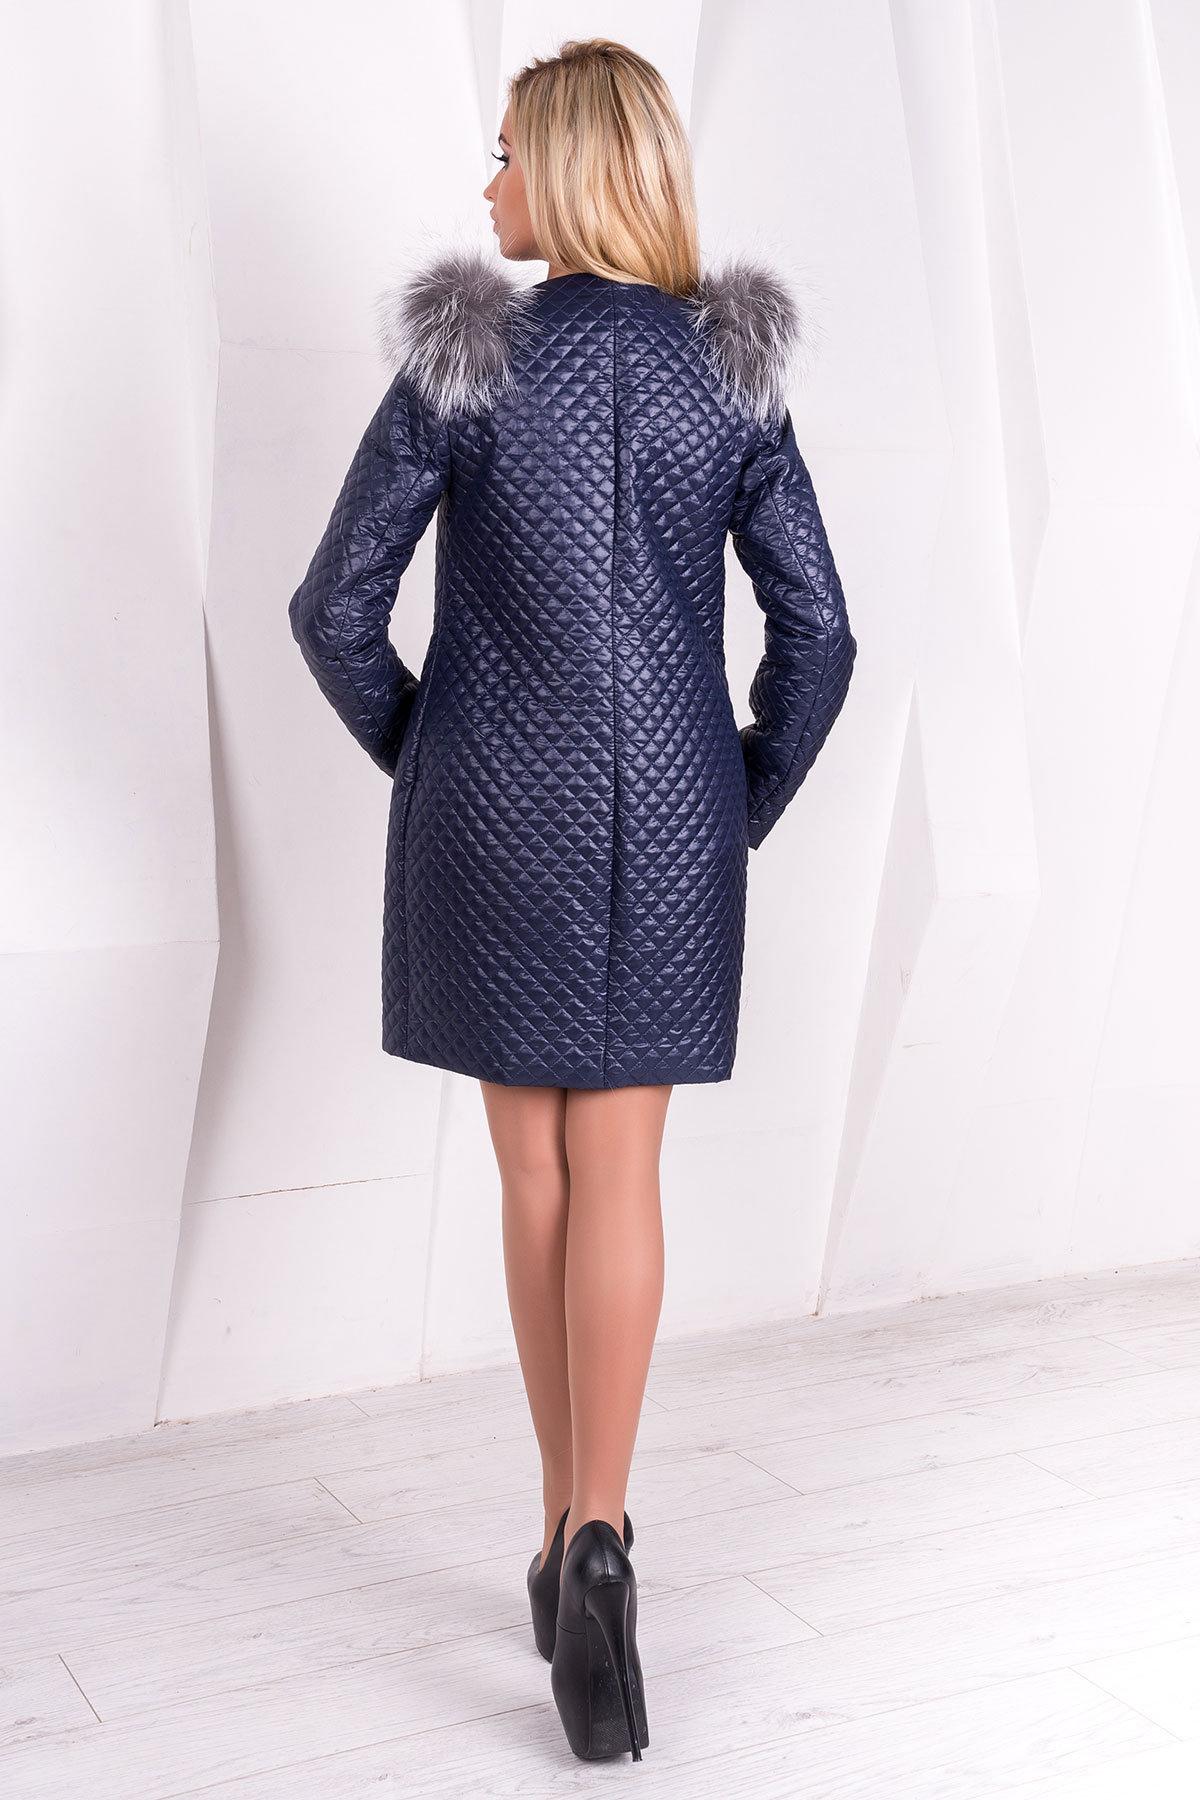 Пальто Соул 1975 АРТ. 9990 Цвет: Тёмно-синий  - фото 3, интернет магазин tm-modus.ru